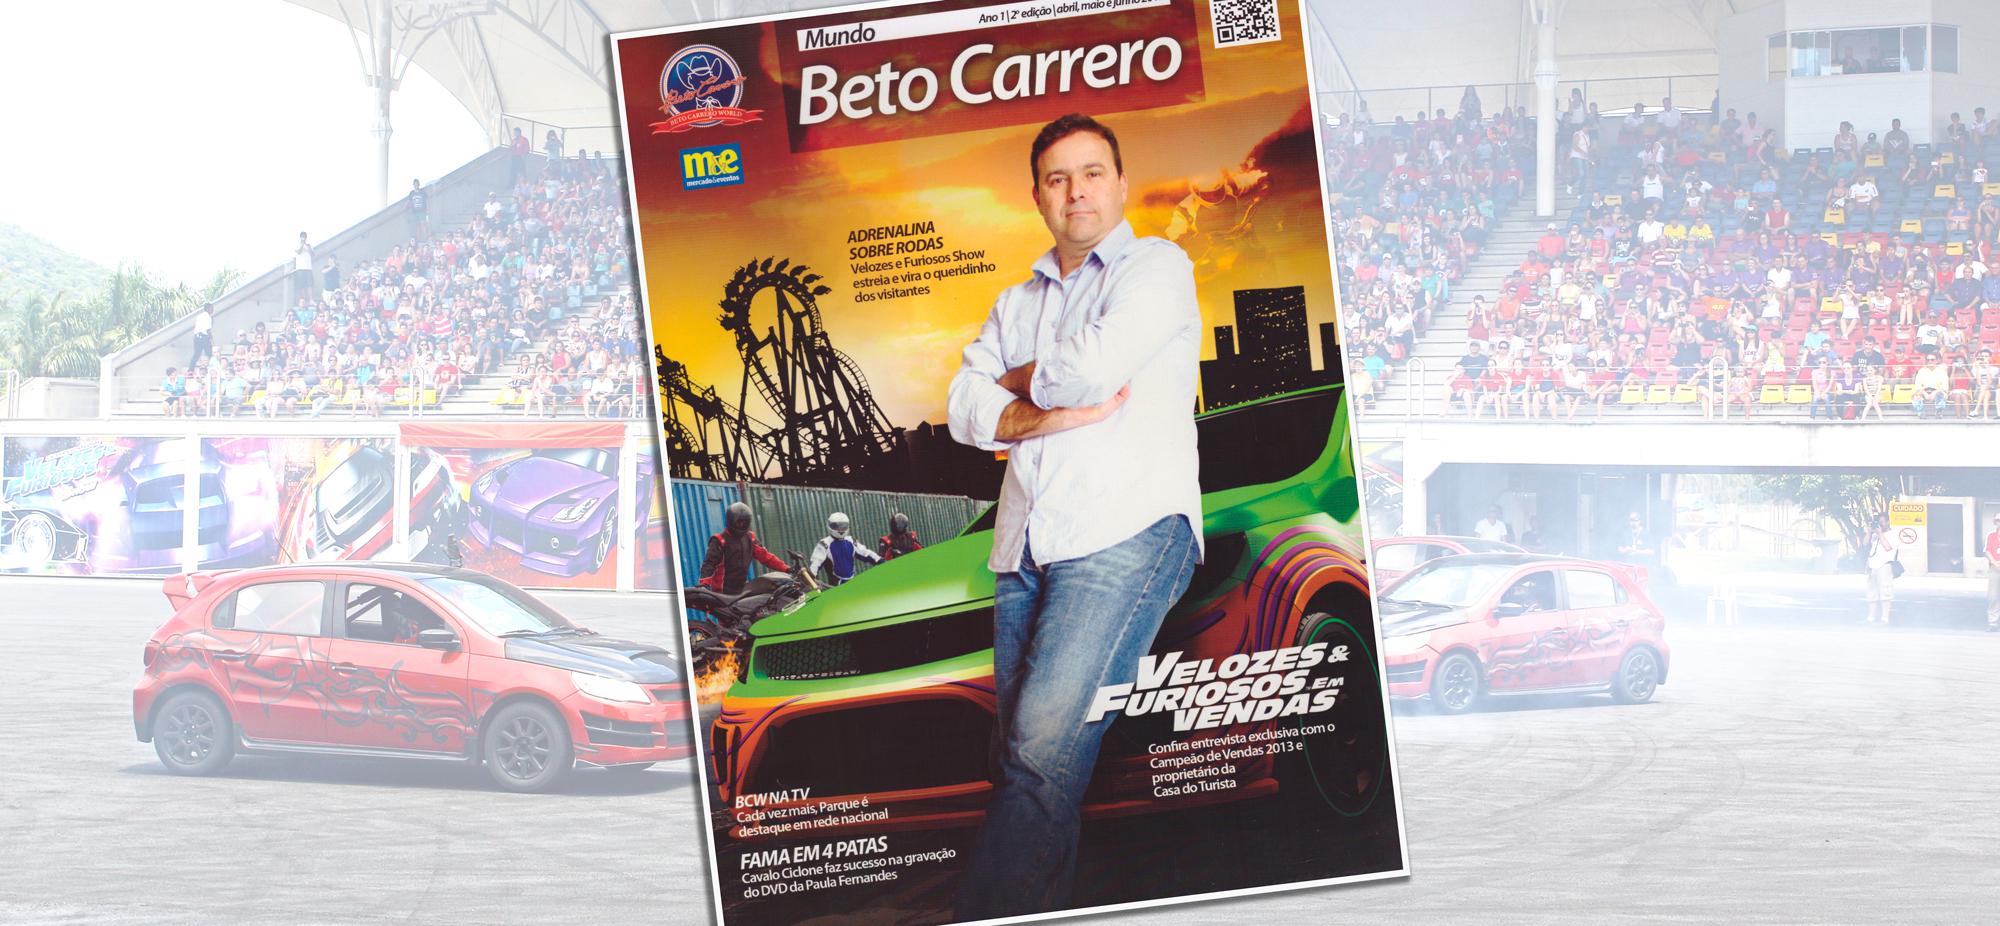 Campeão de Vendas Beto Carrero World